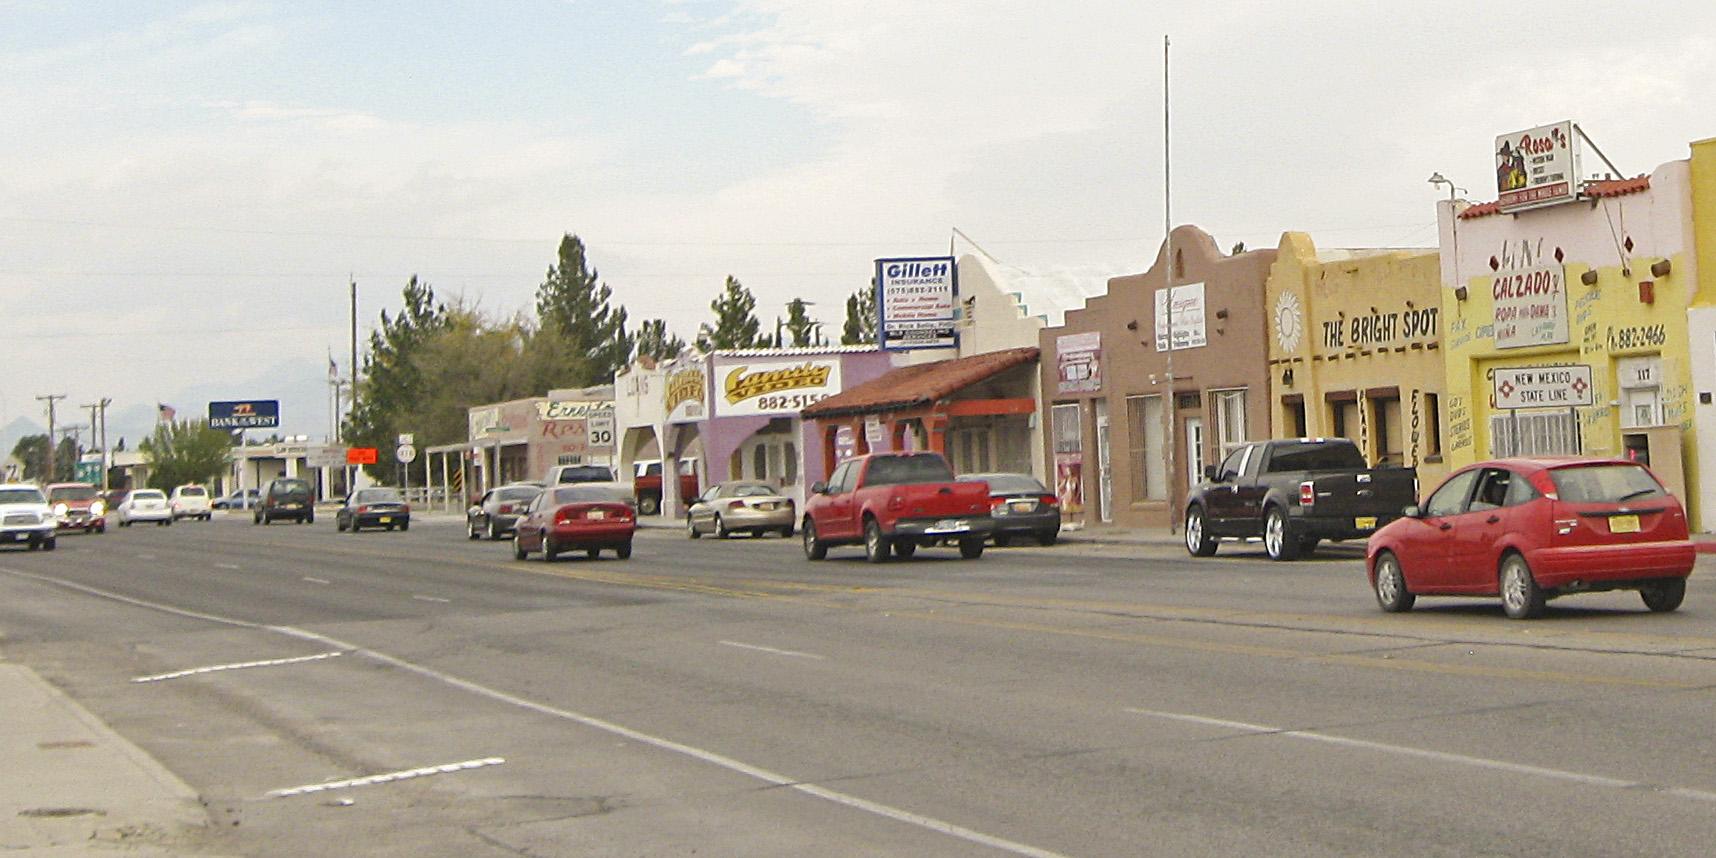 New mexico dona ana county garfield - New Mexico Dona Ana County Garfield 19